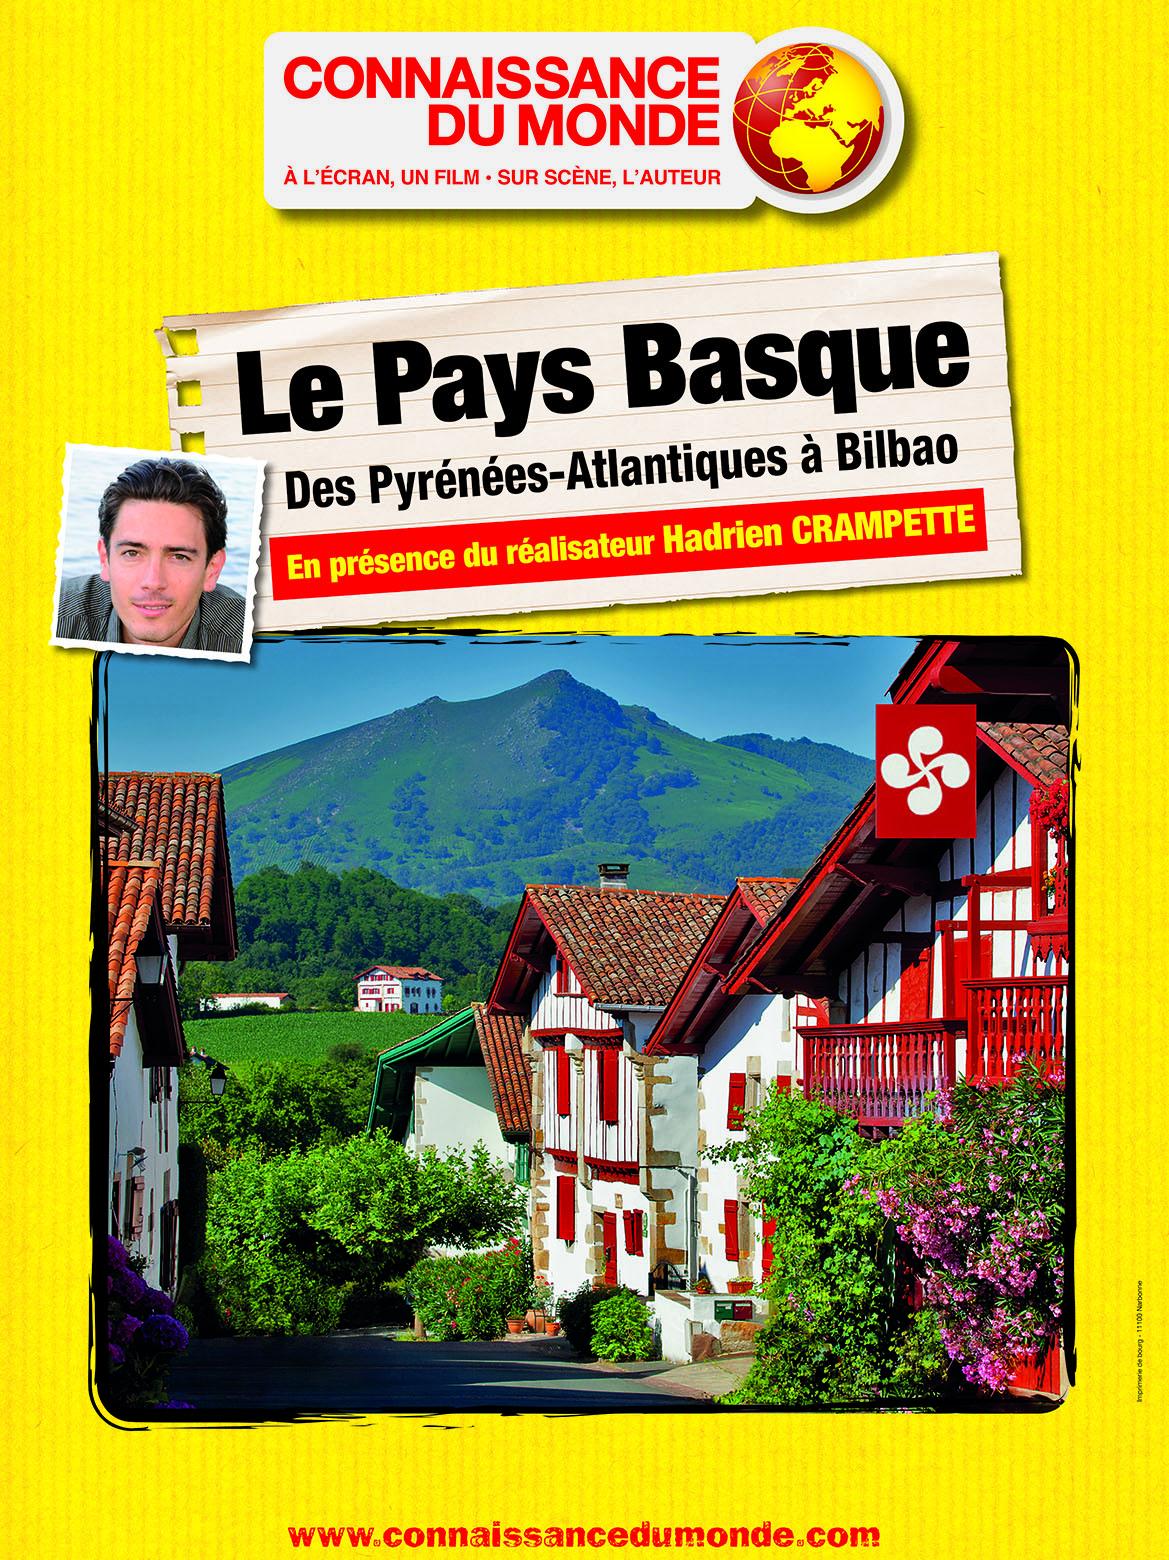 Le Pays Basque - Des Pyrénées-Atlantiques à Bilbao